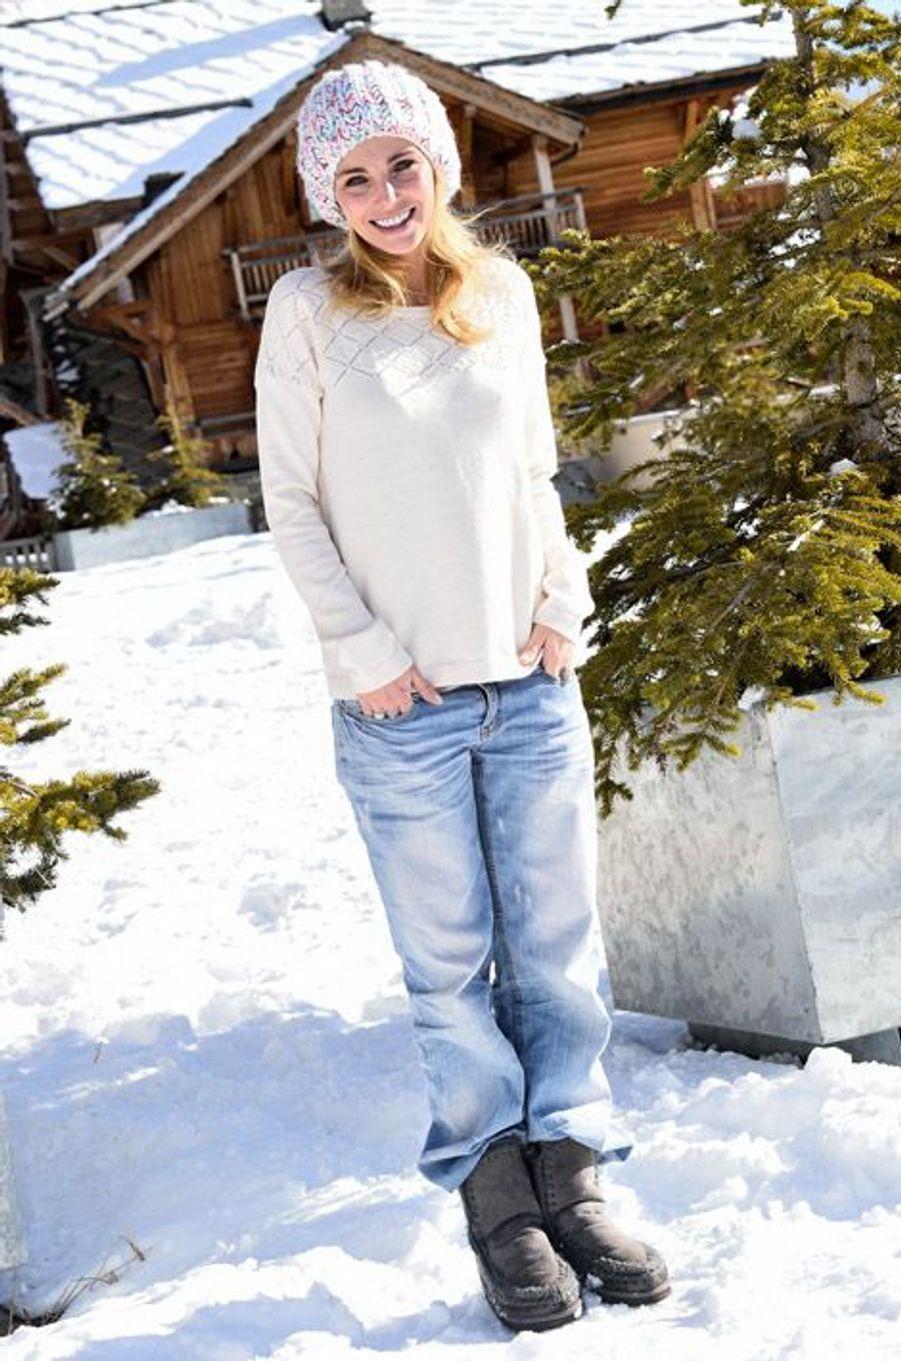 L'actrice Claire Keim participe au Festival du film comique de l'Alpe d'Huez, le 15 janvier 2015